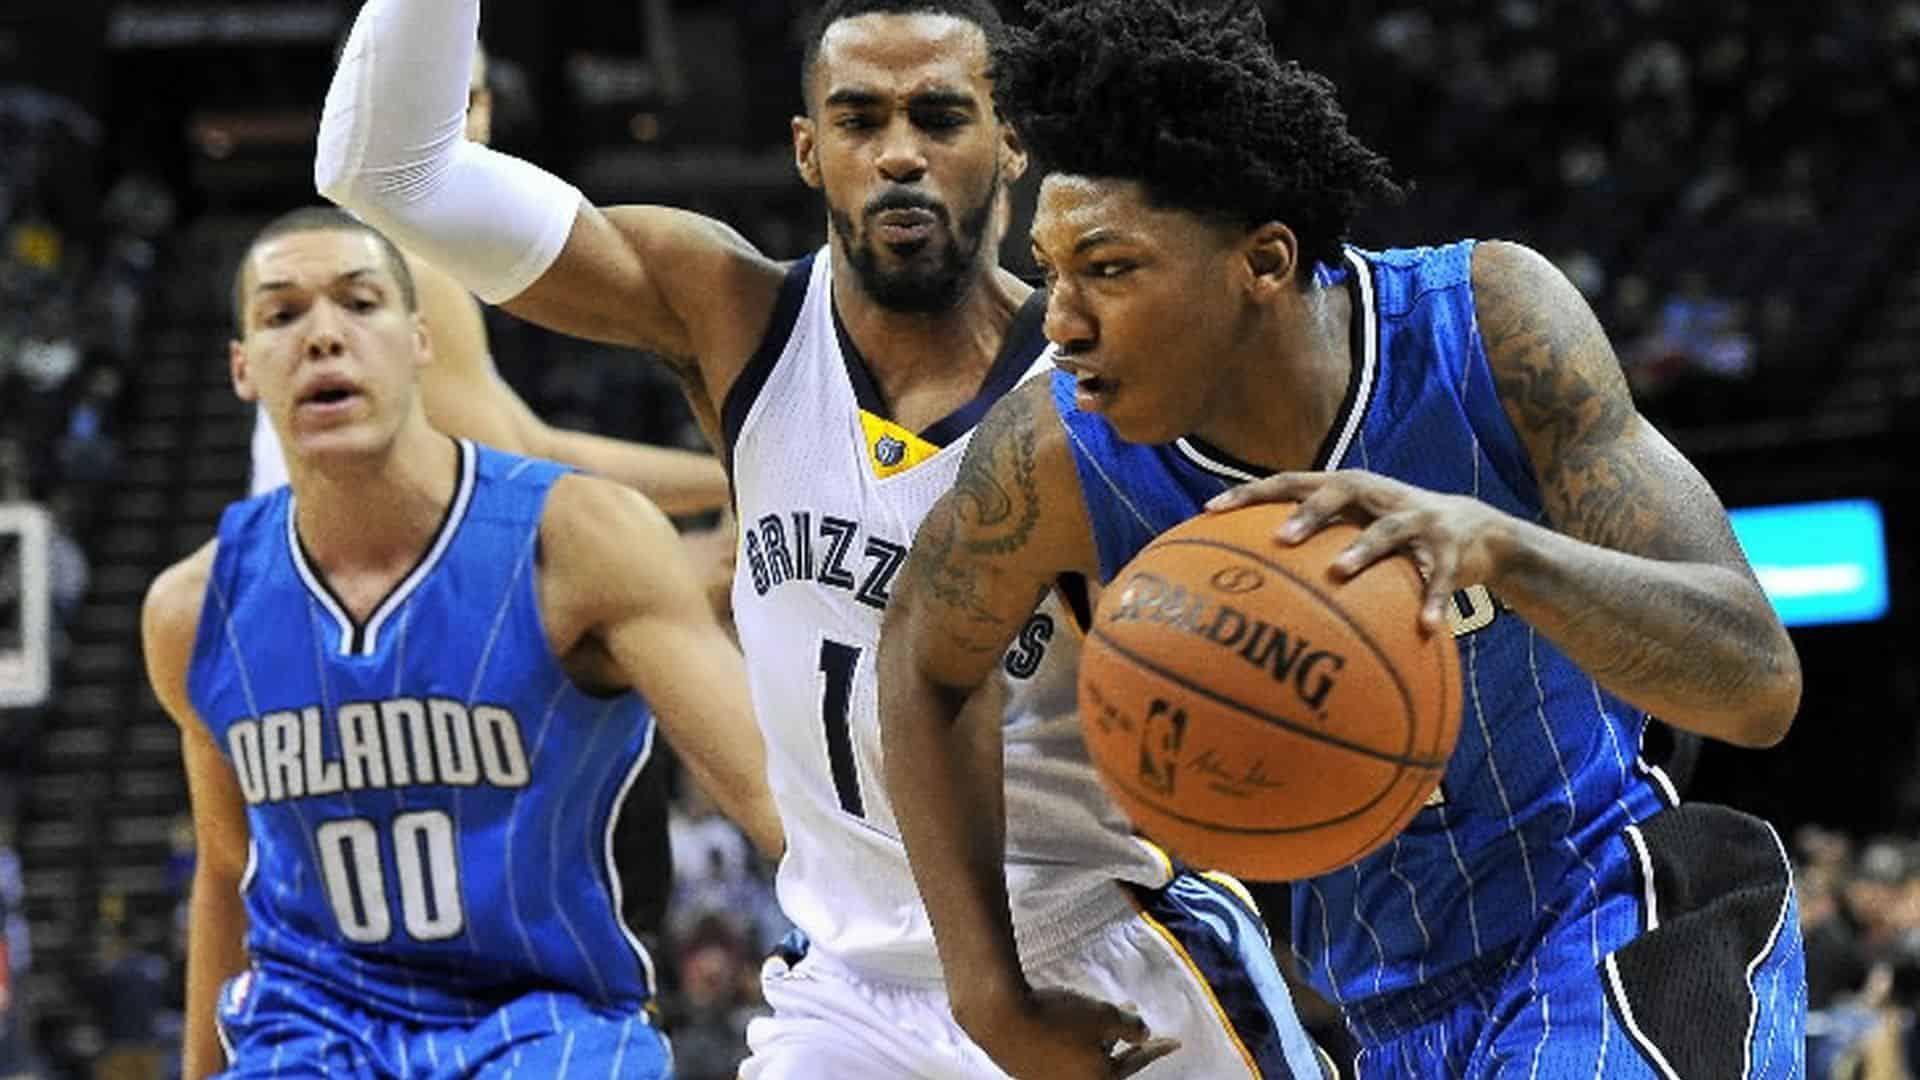 Orlando Magic v Detroit Pistons - NBA